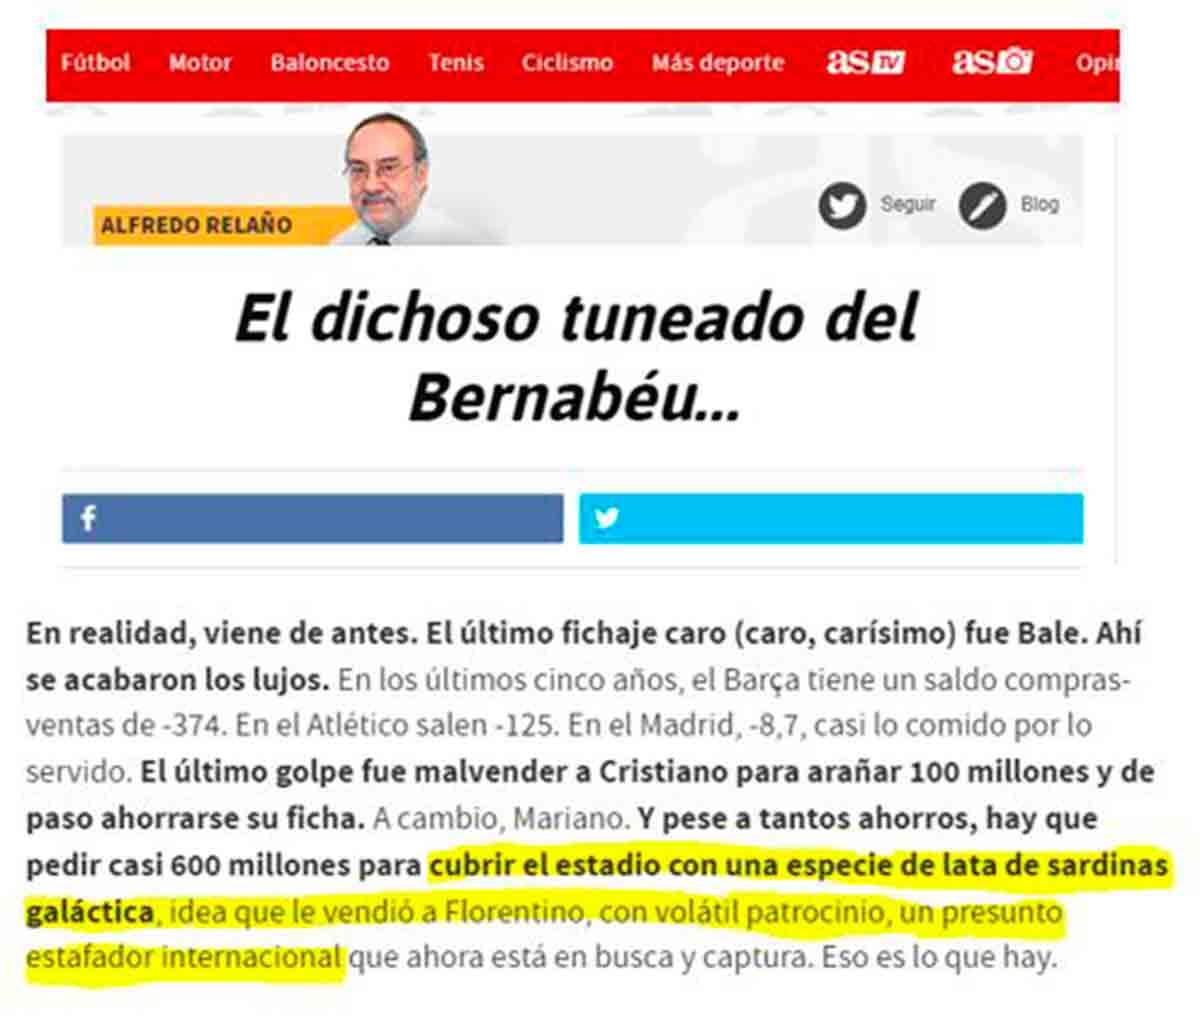 Relaño Bernabéu